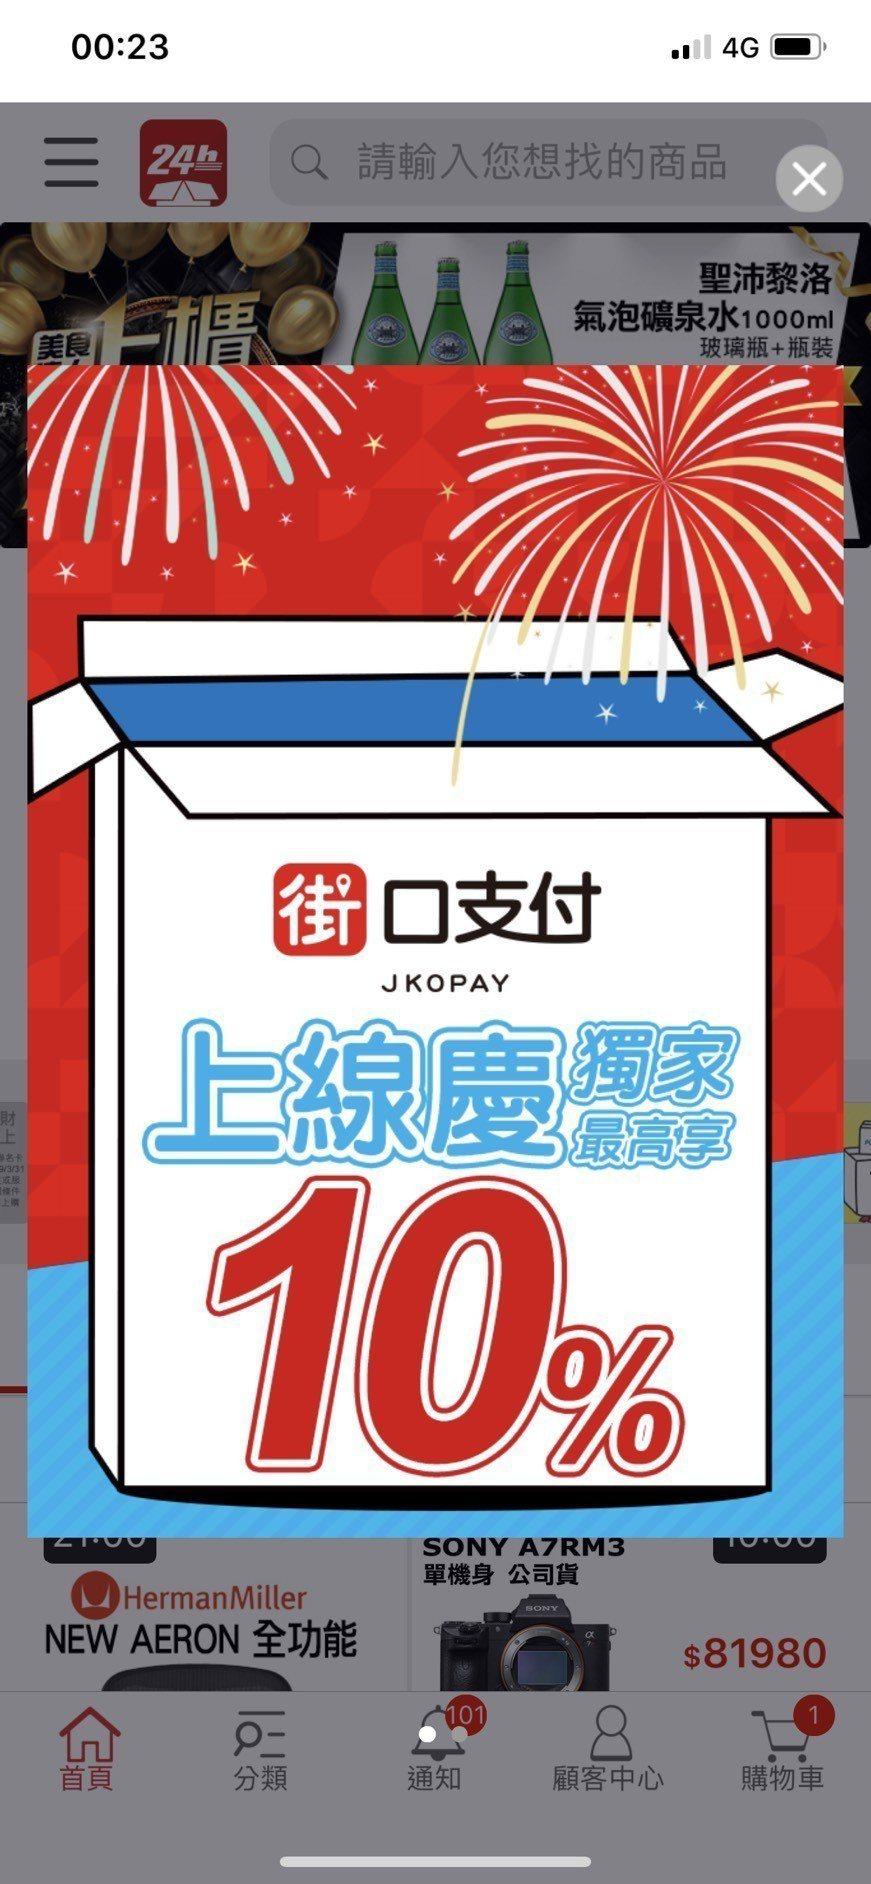 PChome 24h購物金流支付系統再添生力軍,結盟「街口支付」祭最高10%回饋...